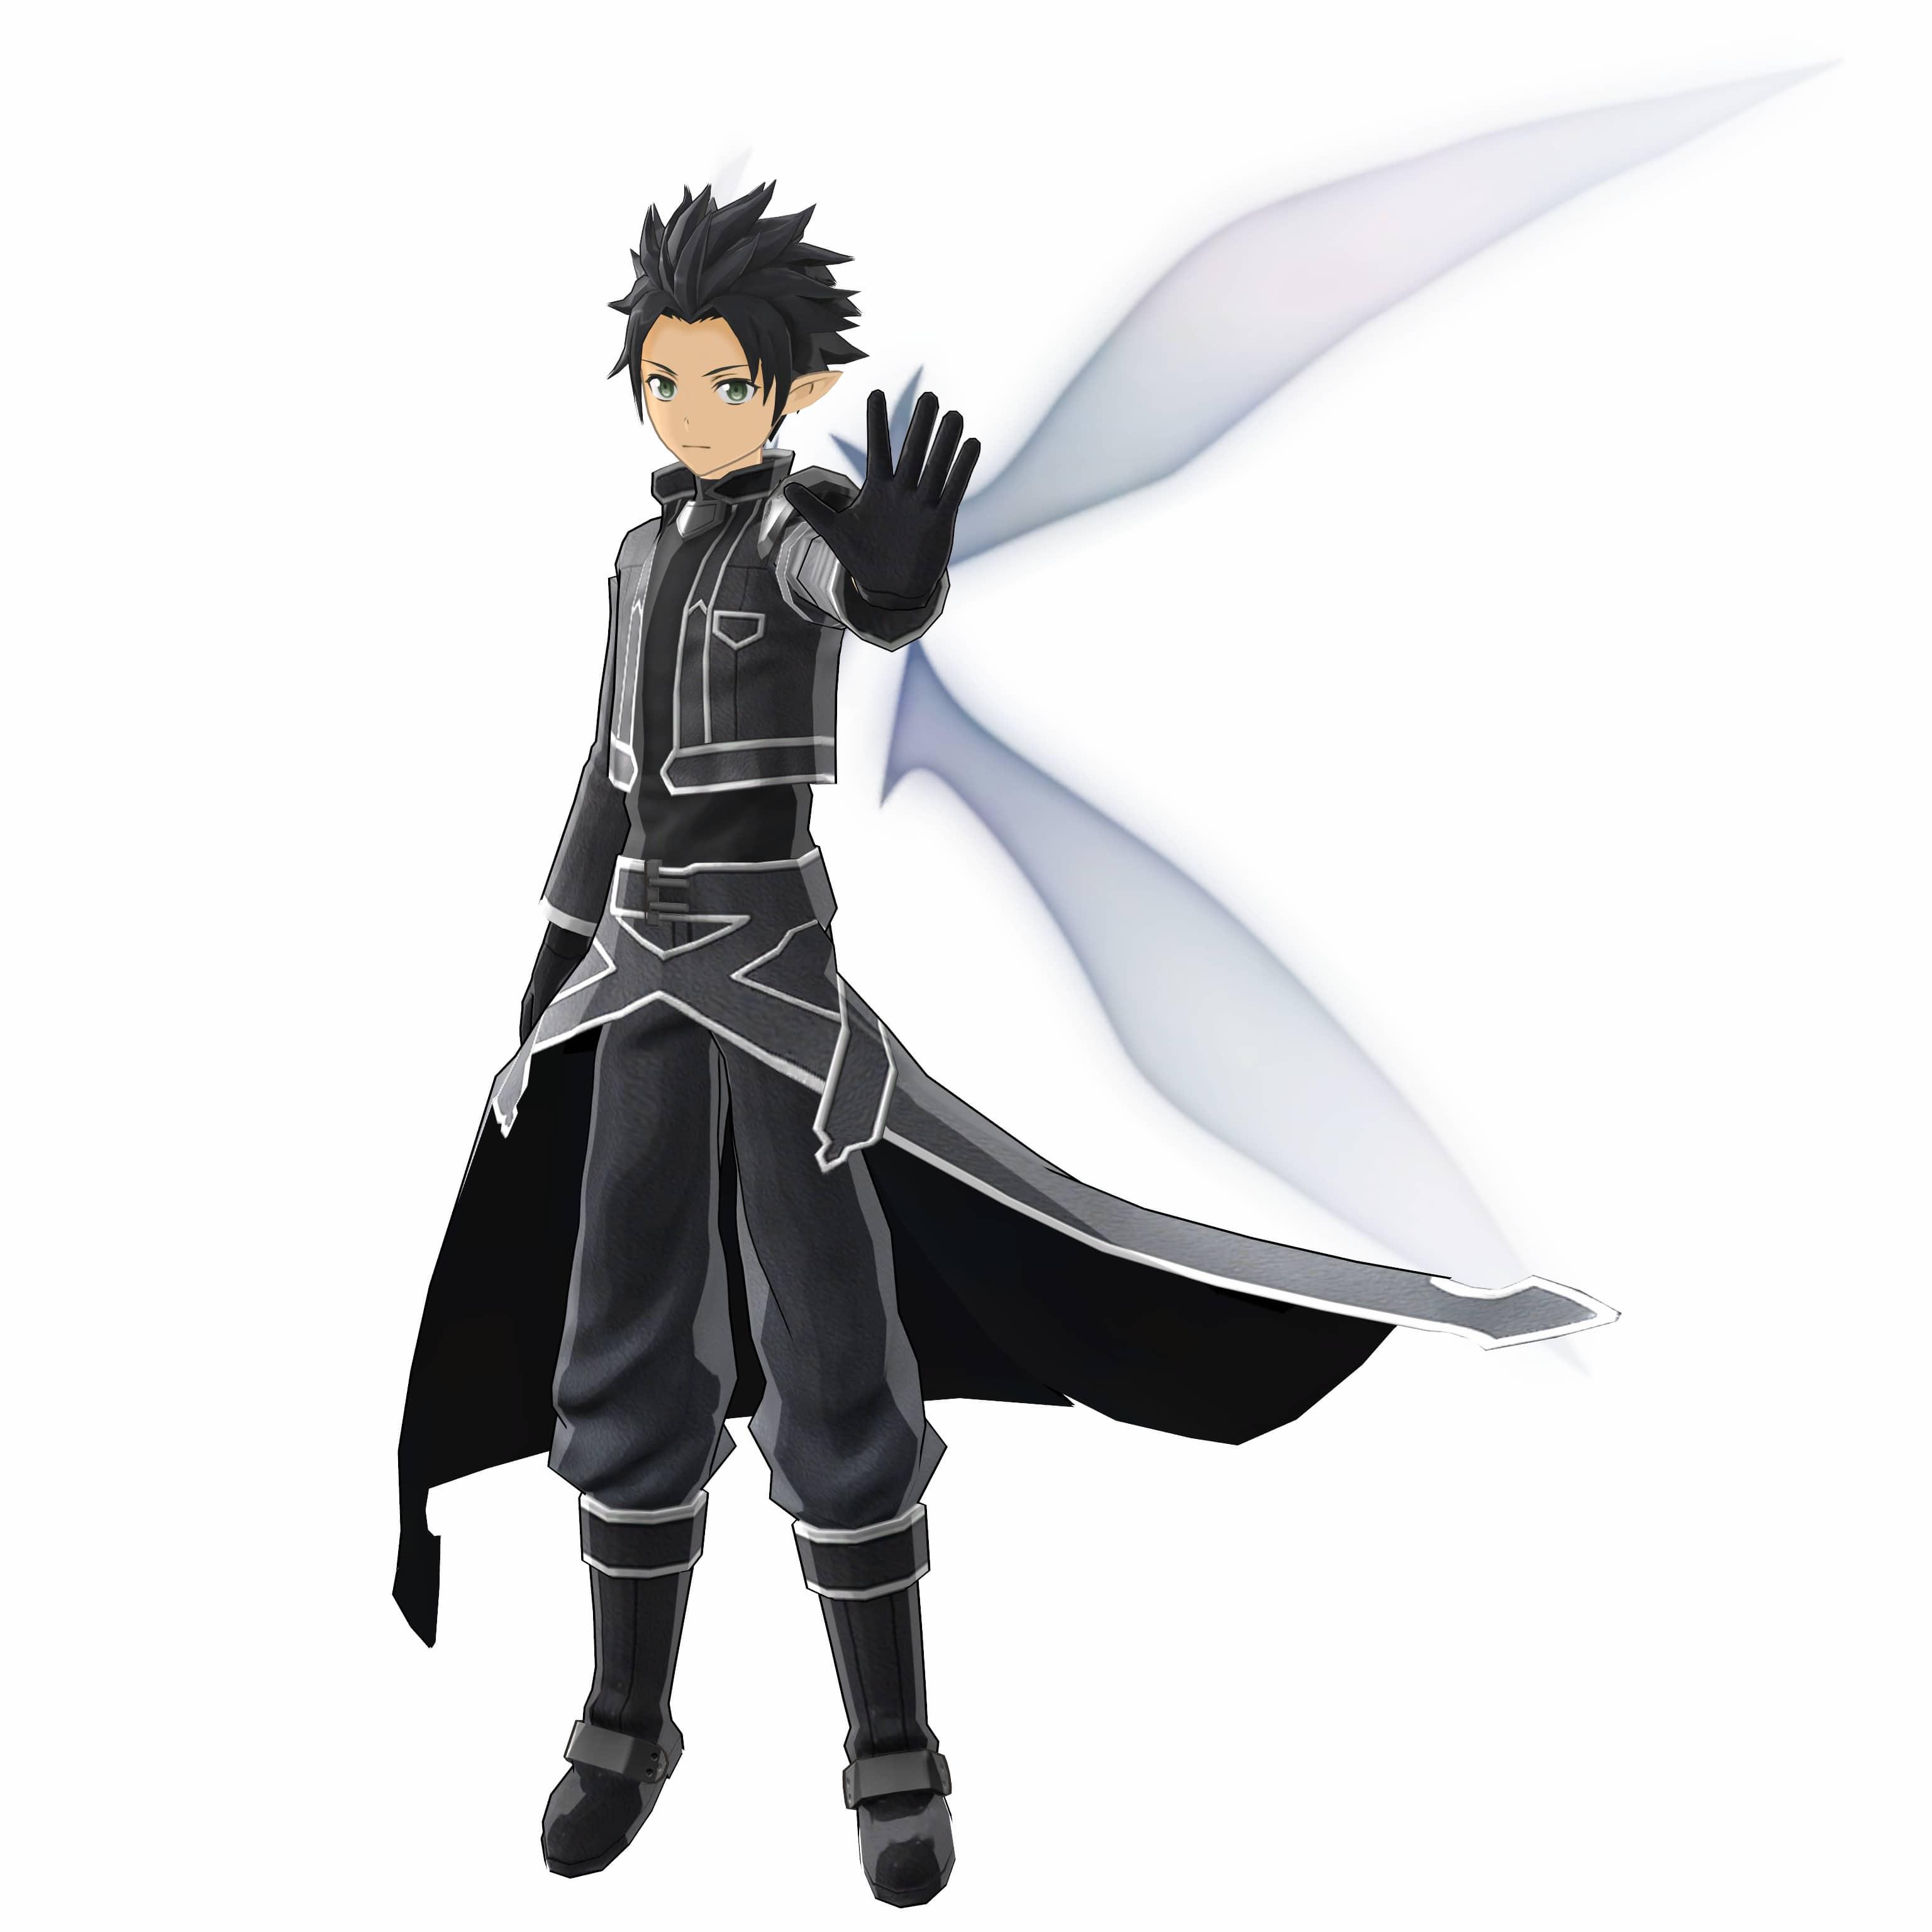 V červenci se spojí svět Accel Worldu a série Sword Art Online 144086